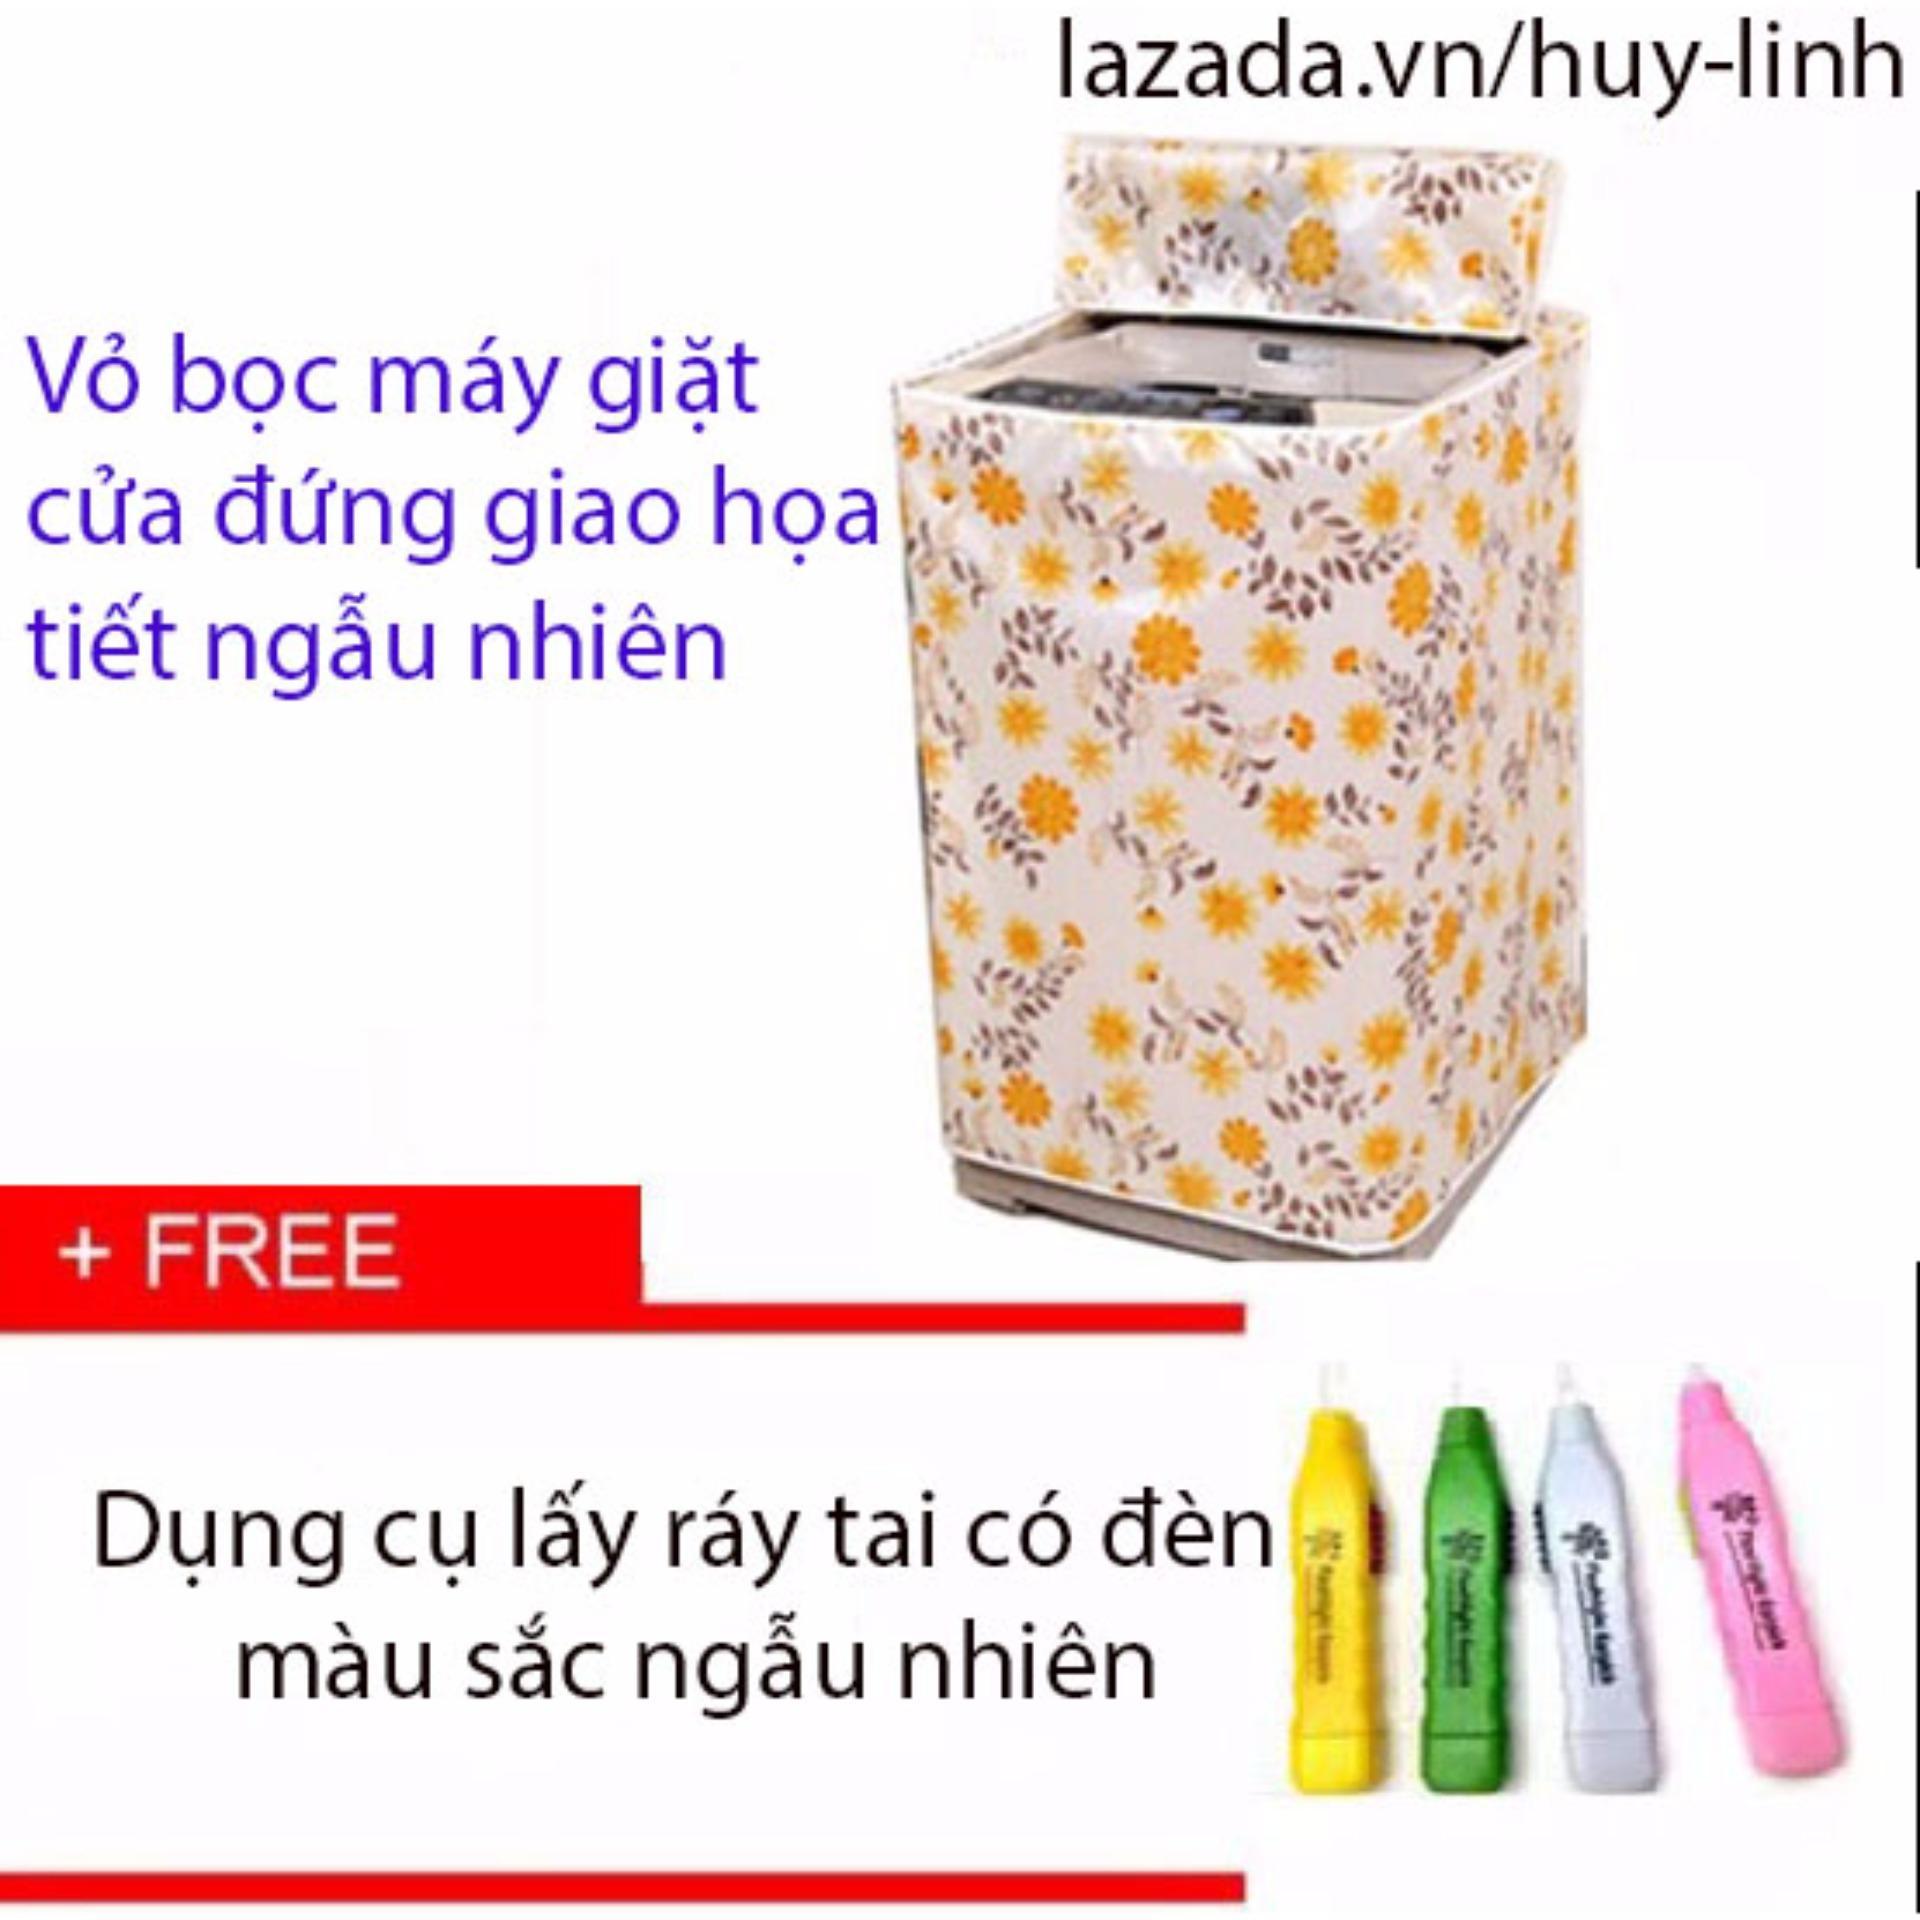 Vỏ bọc máy giặt cửa đứng cỡ nhỏ màu sắc ngẫu nhiên cho máy giặt giao màu ngẫu nhiên + Tặng dụng cụ lấy ráy tai có đèn màu ngẫu nhiên